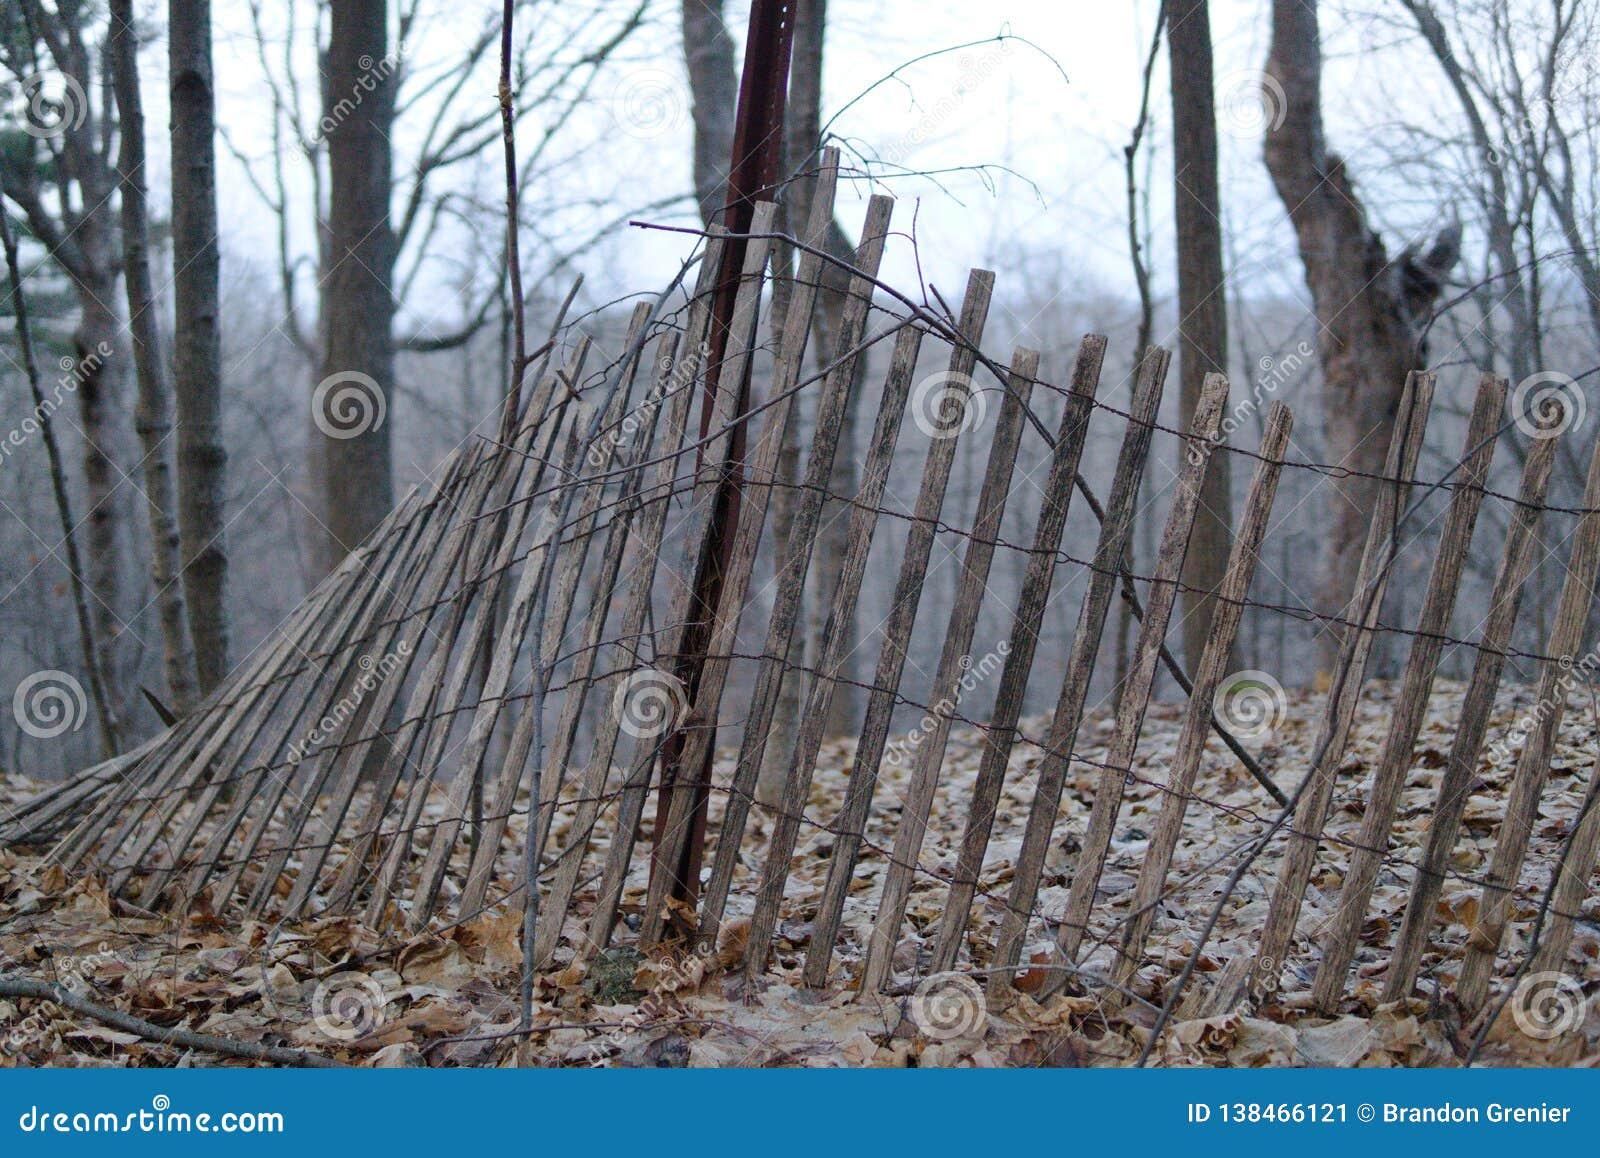 Δασικός φράκτης που πέφτει με τα δέντρα στο υπόβαθρο